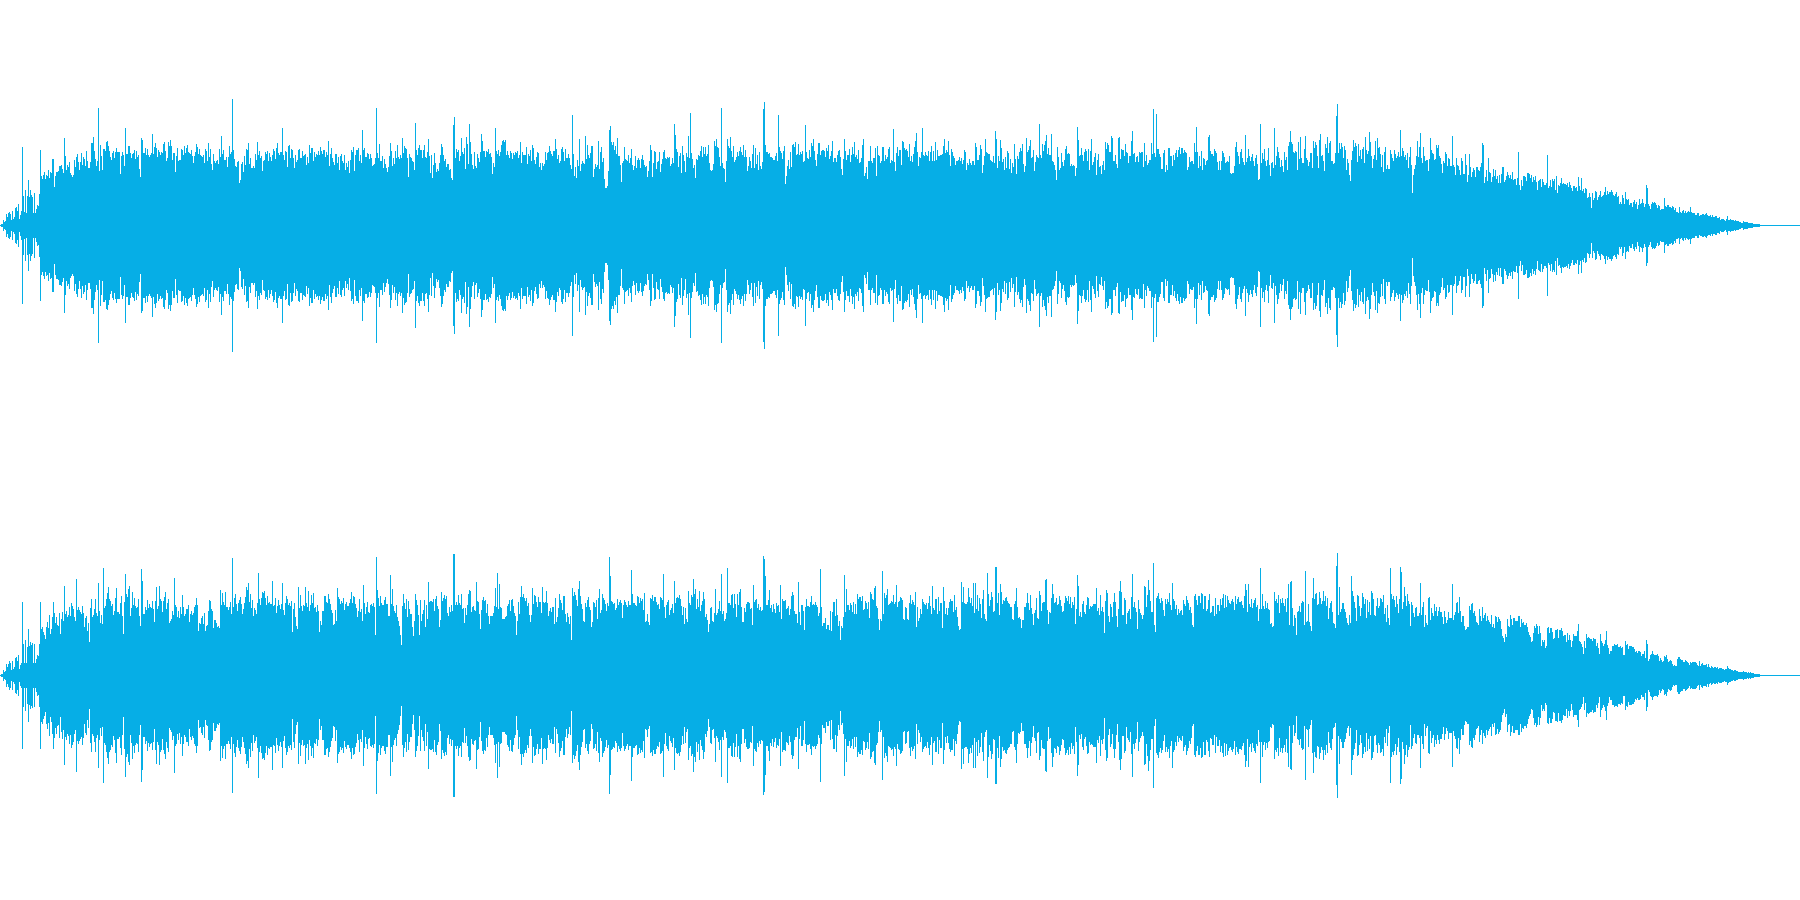 蓄音機から流れるイメージの哀愁のある曲の再生済みの波形